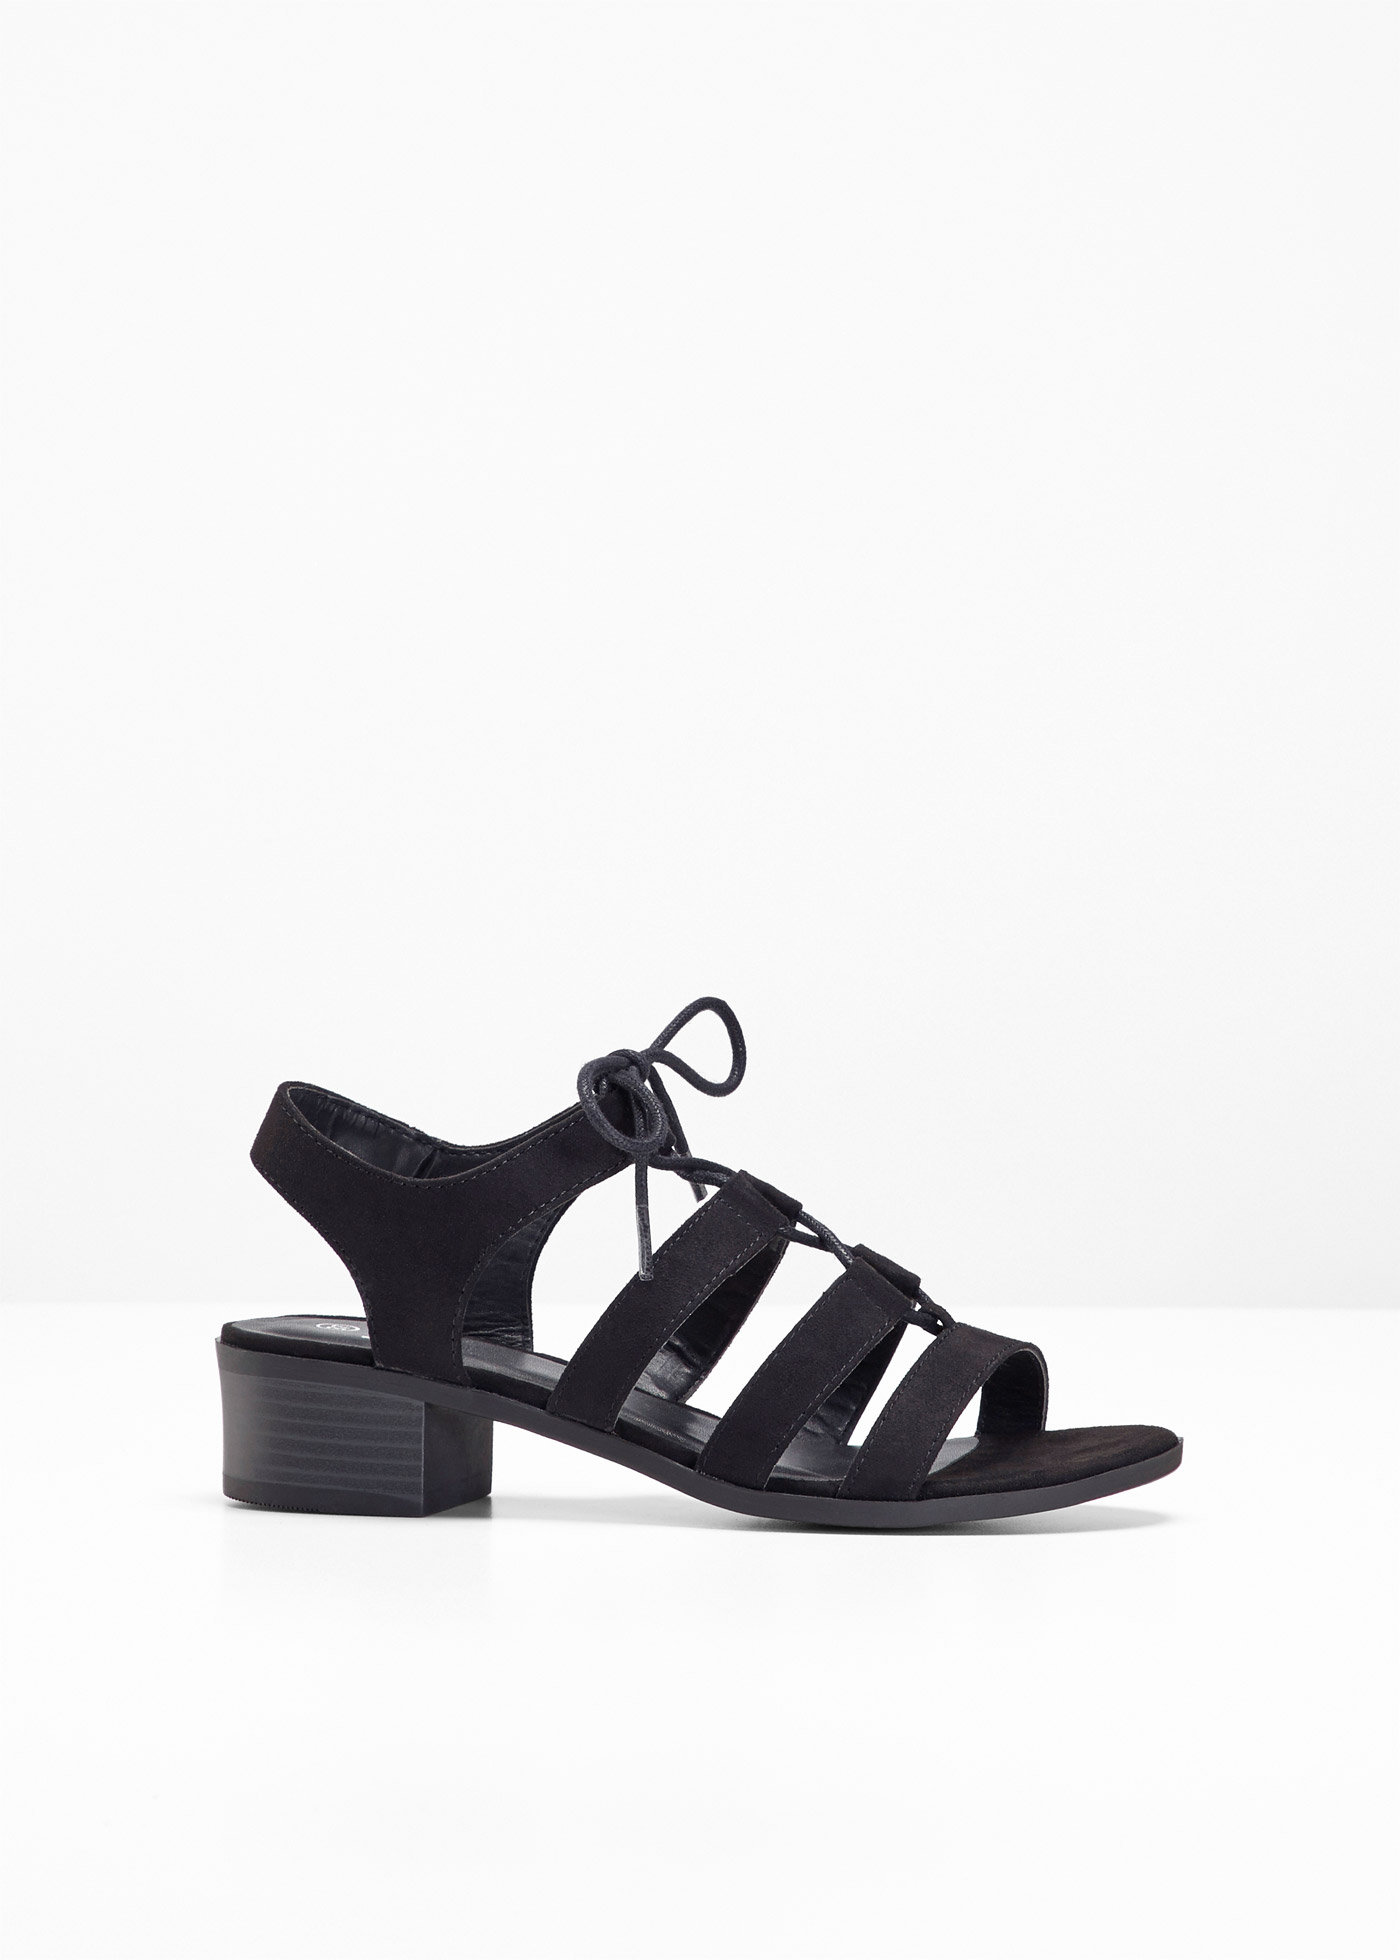 Sandalette mit 4 cm Blockabsatz in schwarz von bonprix